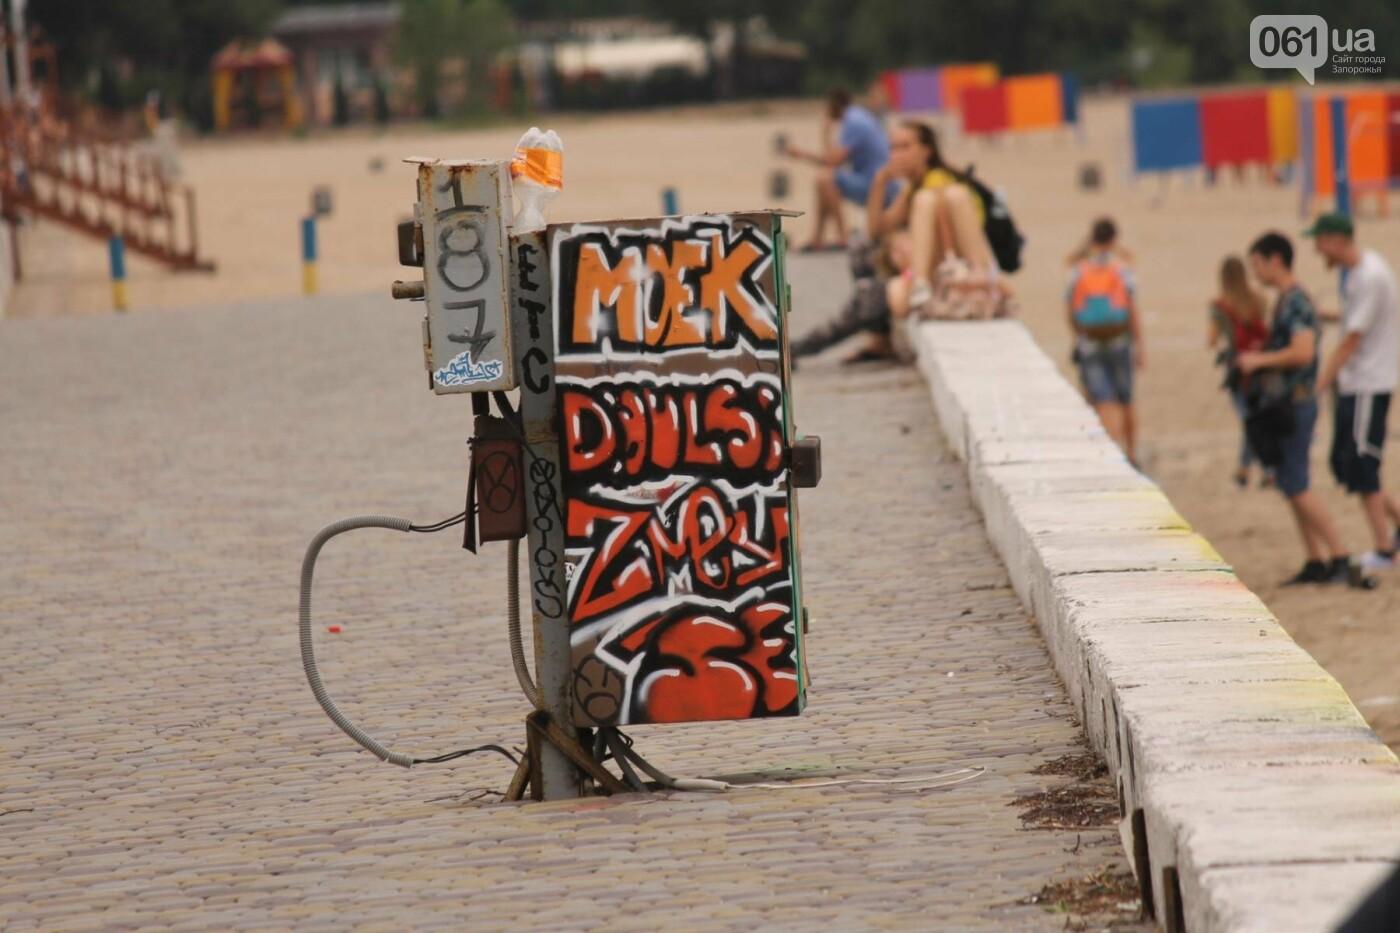 В Запорожье на пляже закончился фестиваль граффити: разрисовали 150 метров бетонной стены, – ФОТОРЕПОРТАЖ, фото-31